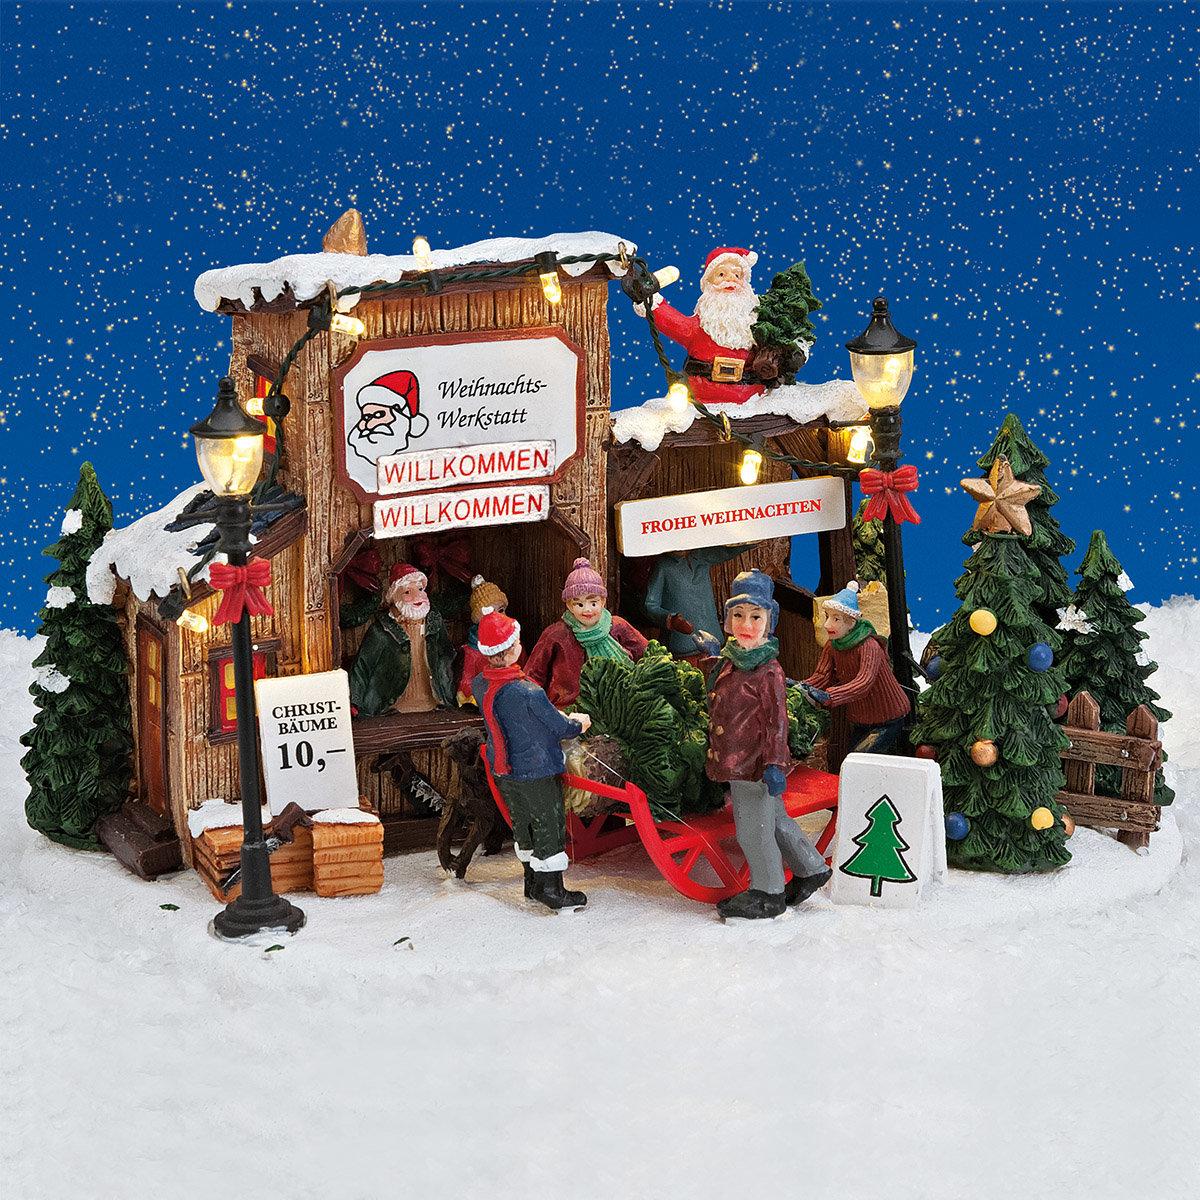 Miniatur-LED-Weihnachtsbaum-Verkauf | #3